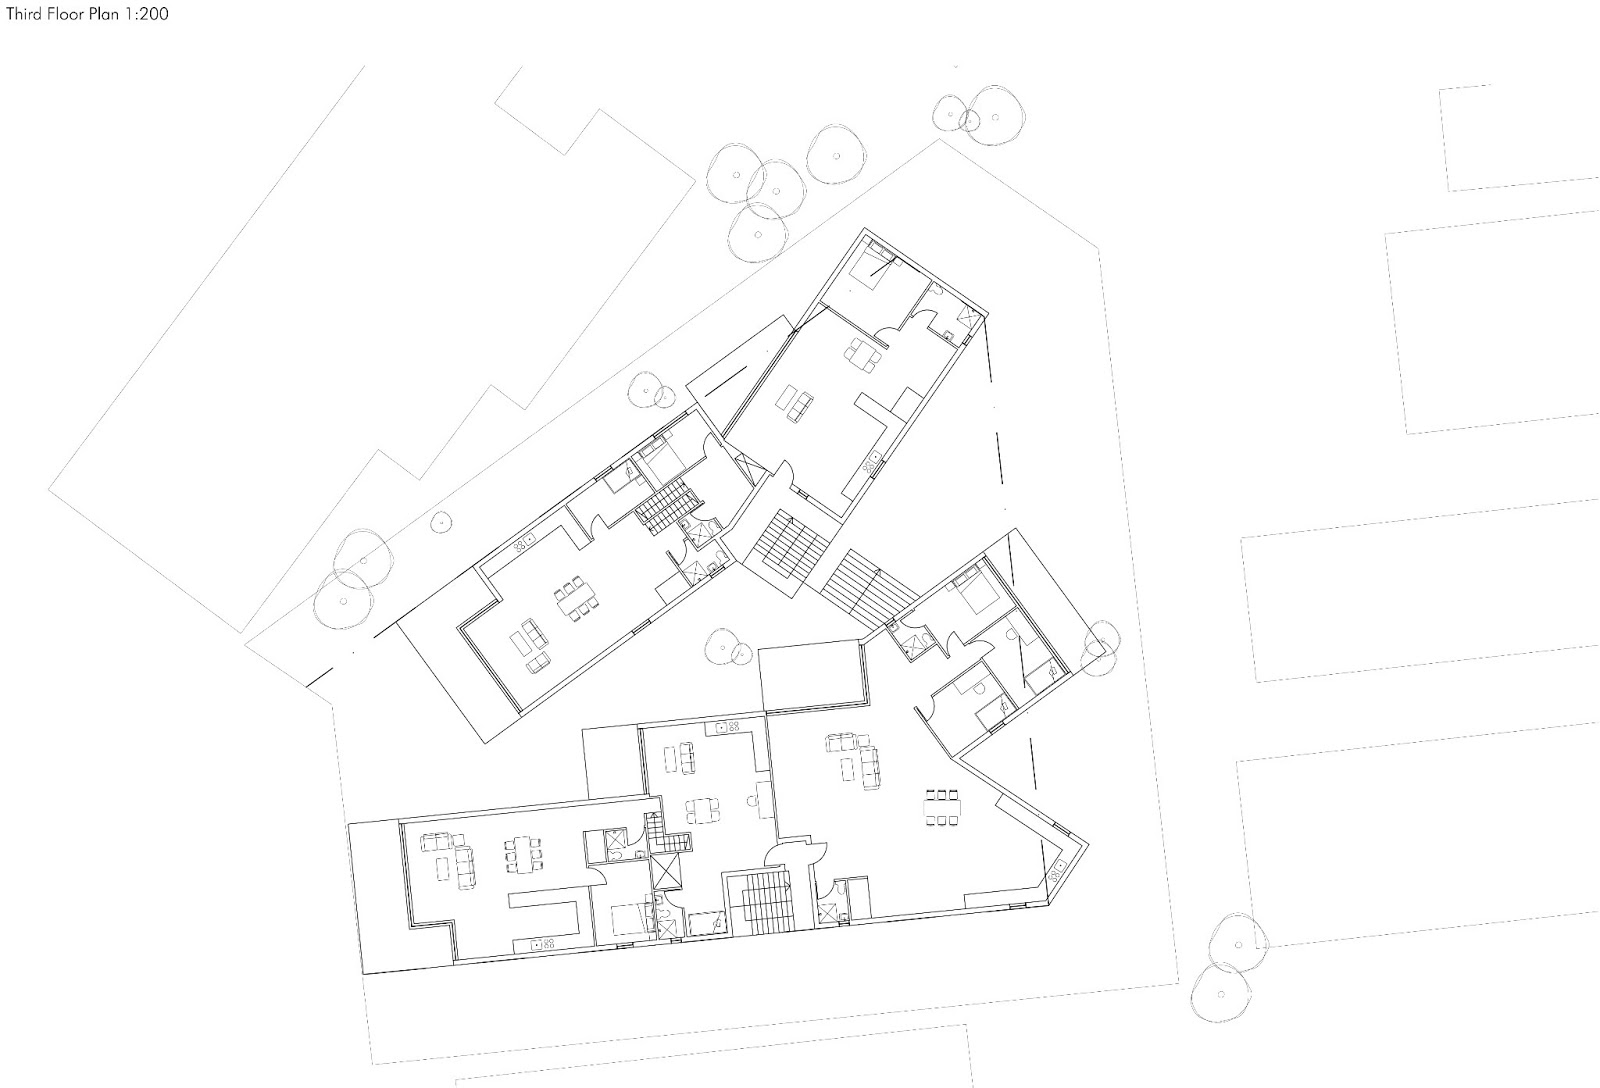 ARCH1301 HeeYeon Kim: Design development